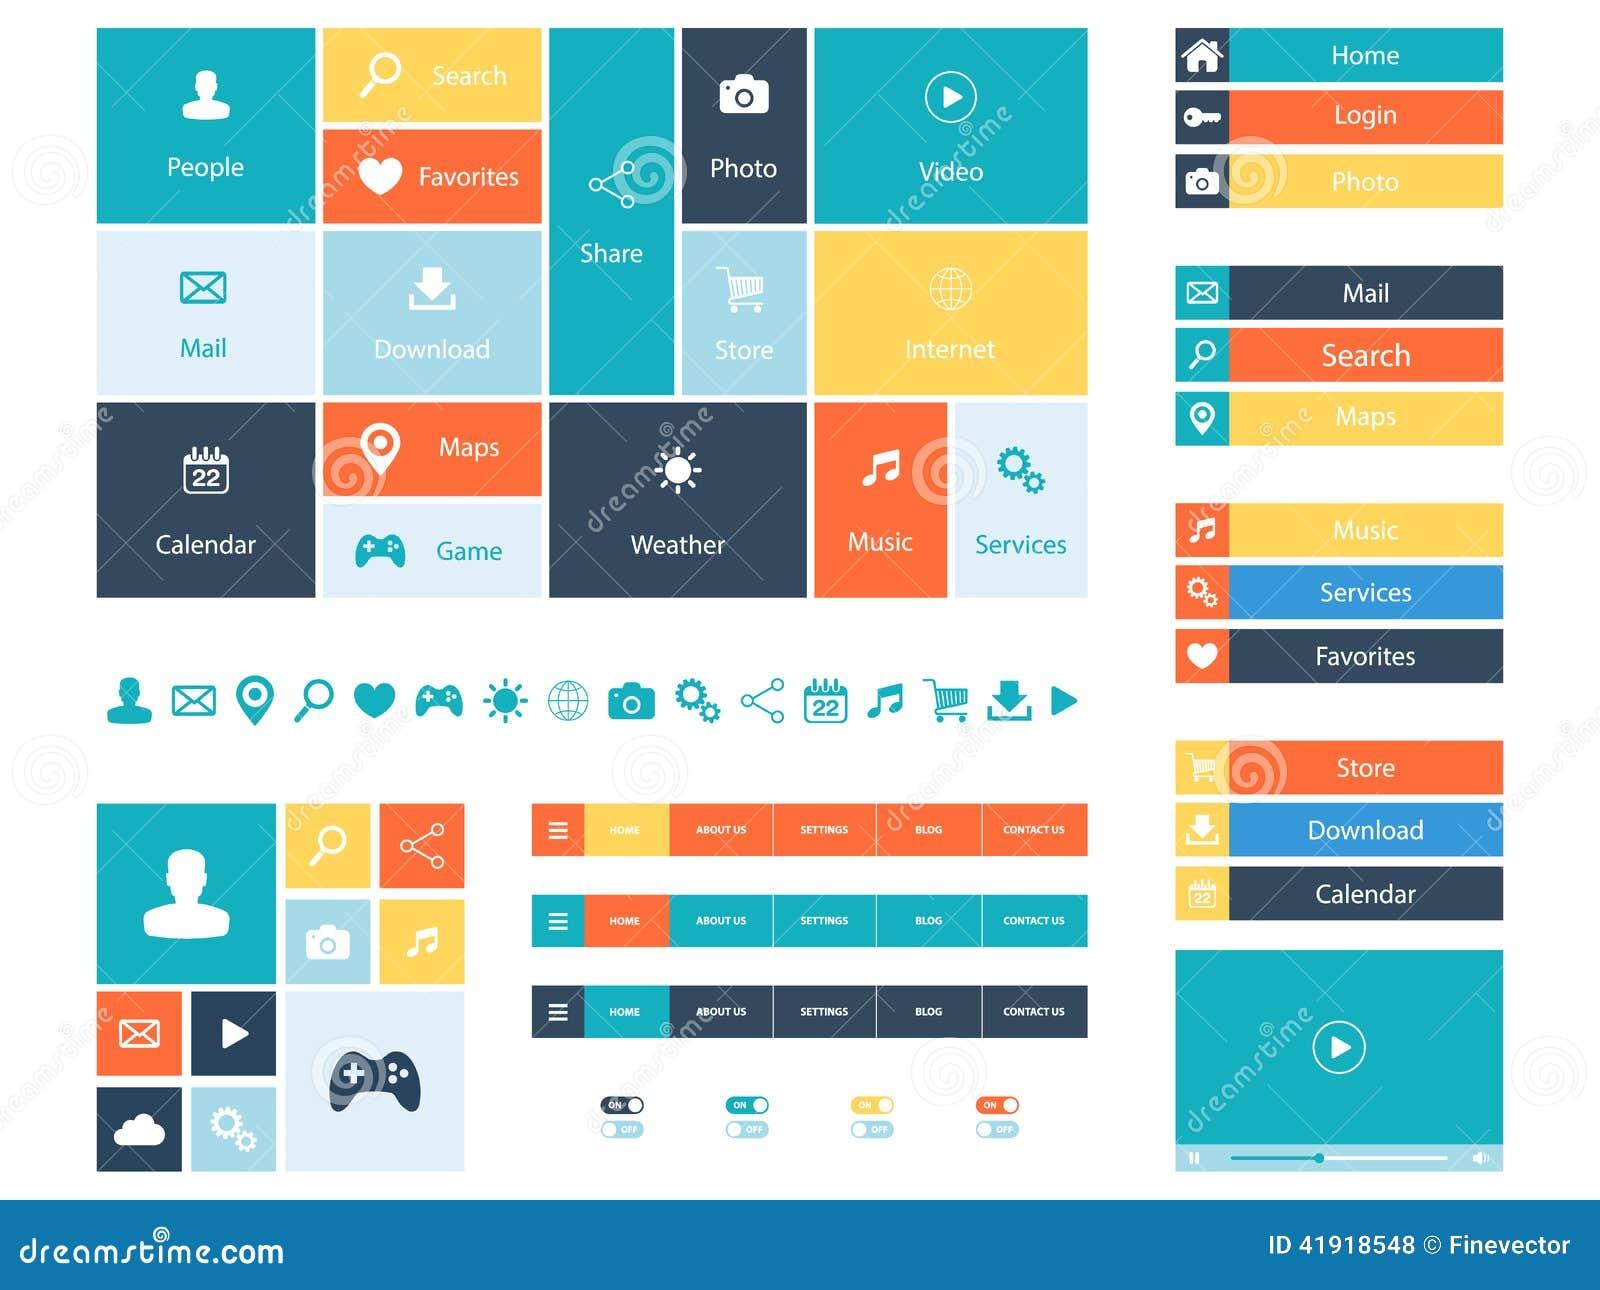 Jquery Mobile Designer Online